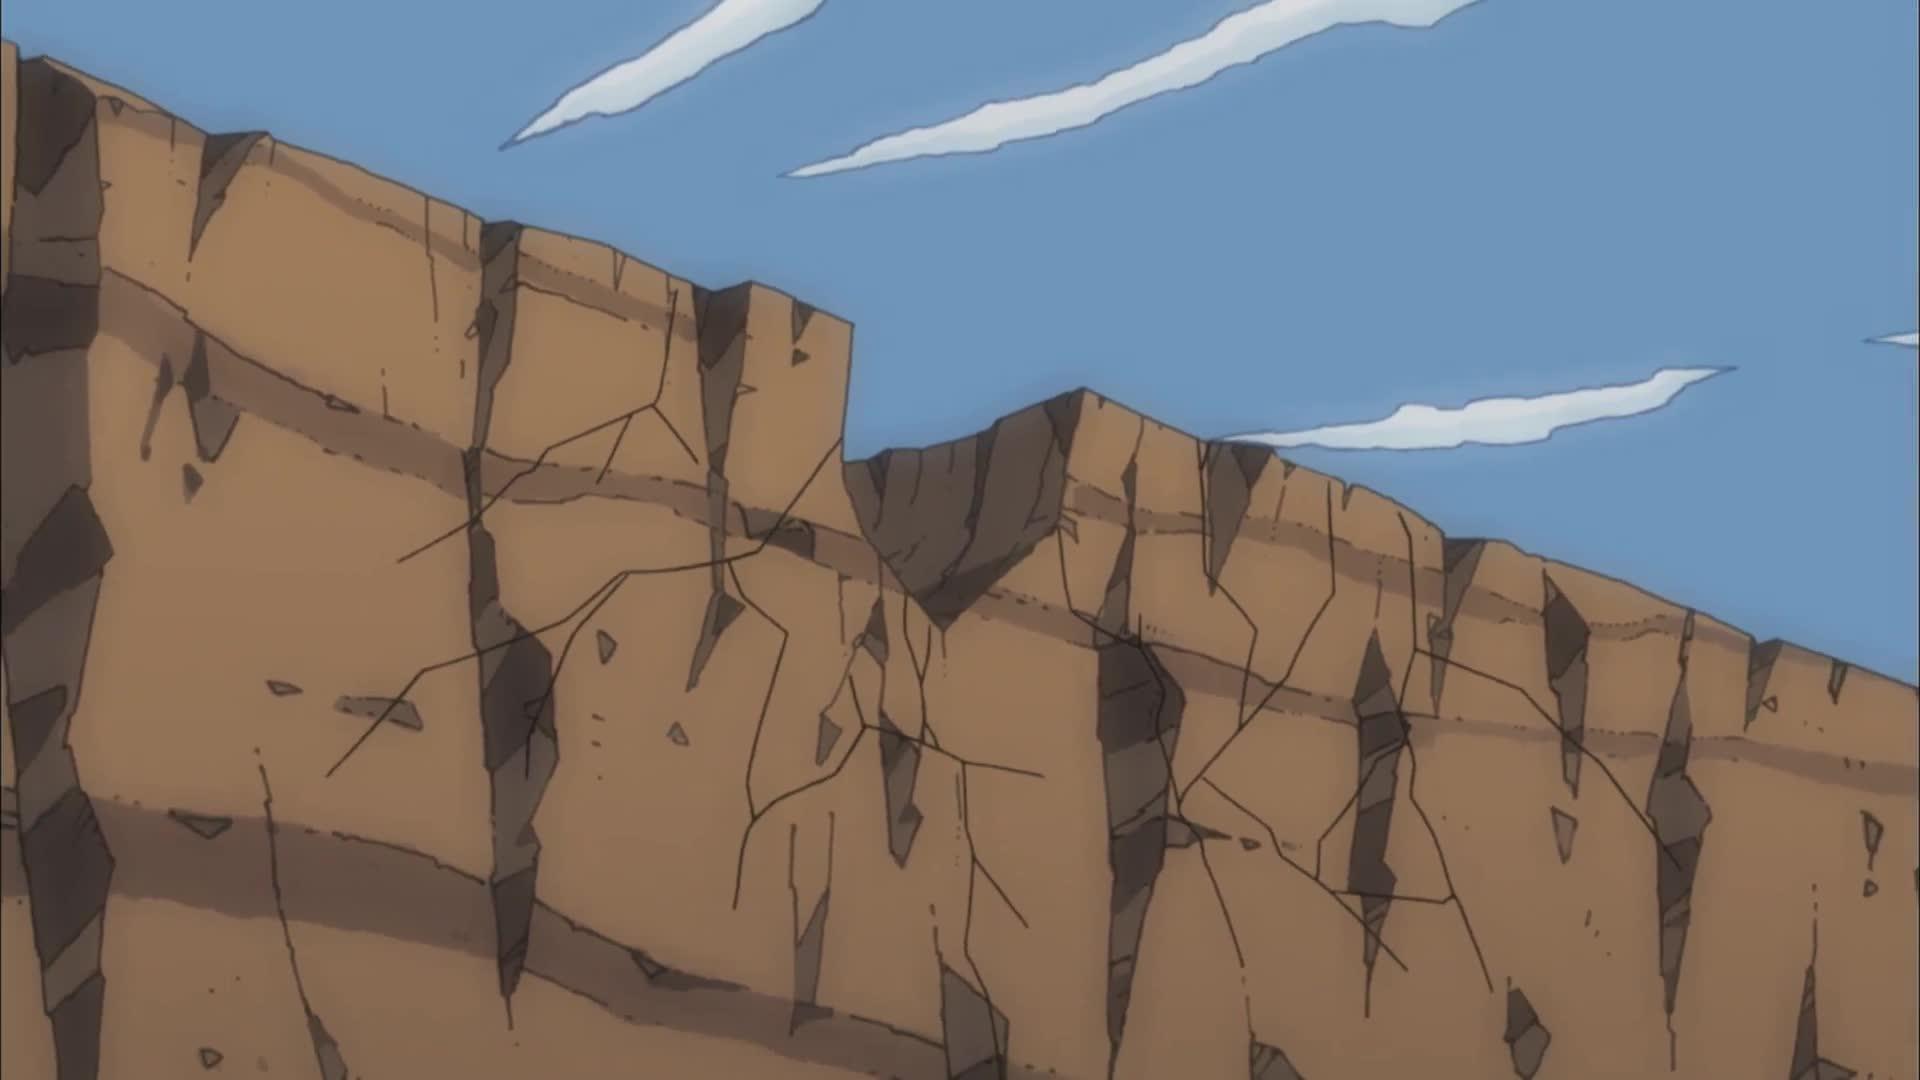 6화 햄버거맨과 모래사나이